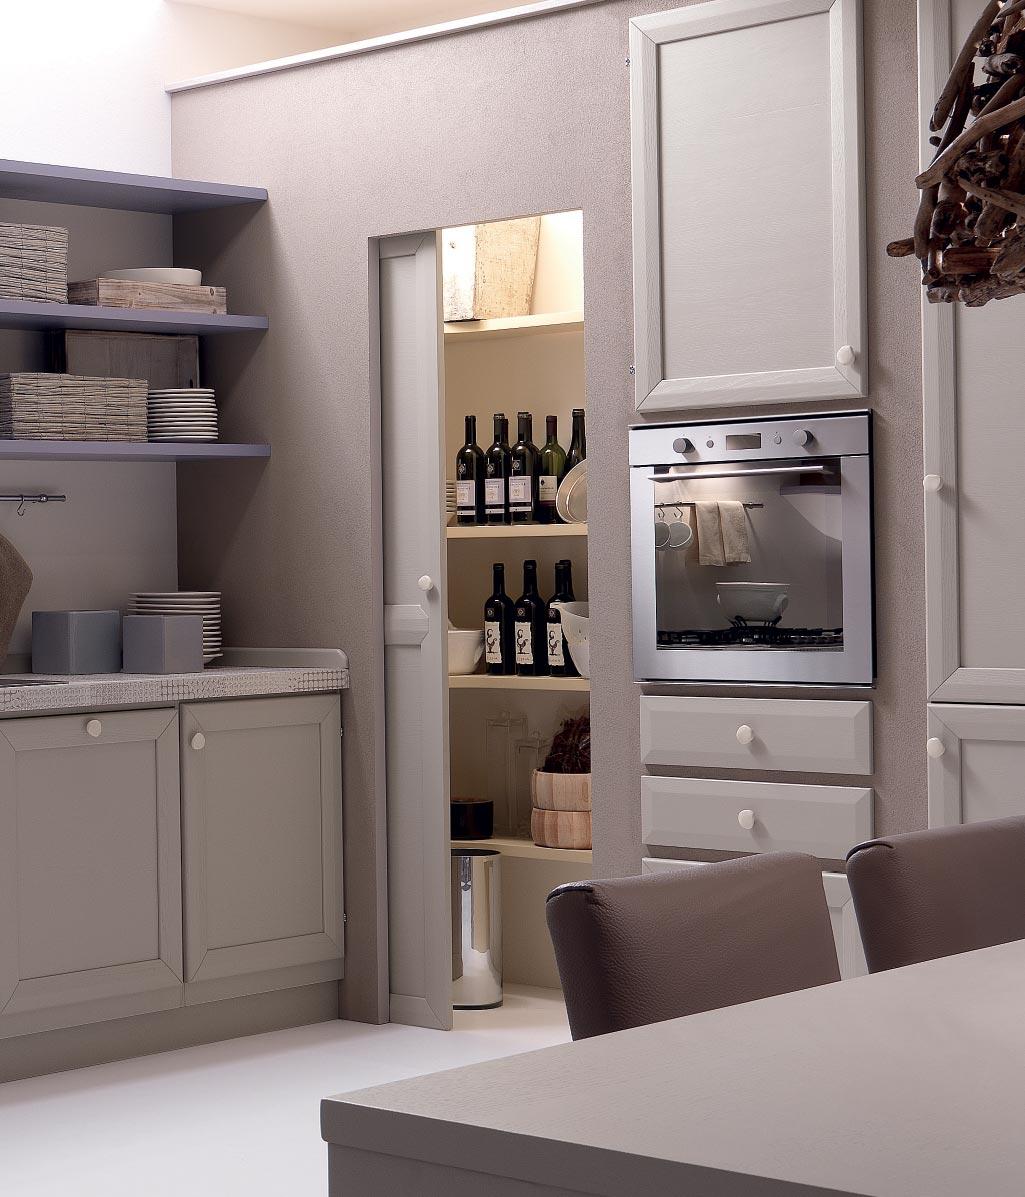 Cucine provenzali moderne offerta vendita cucine - Cucine provenzali francesi ...